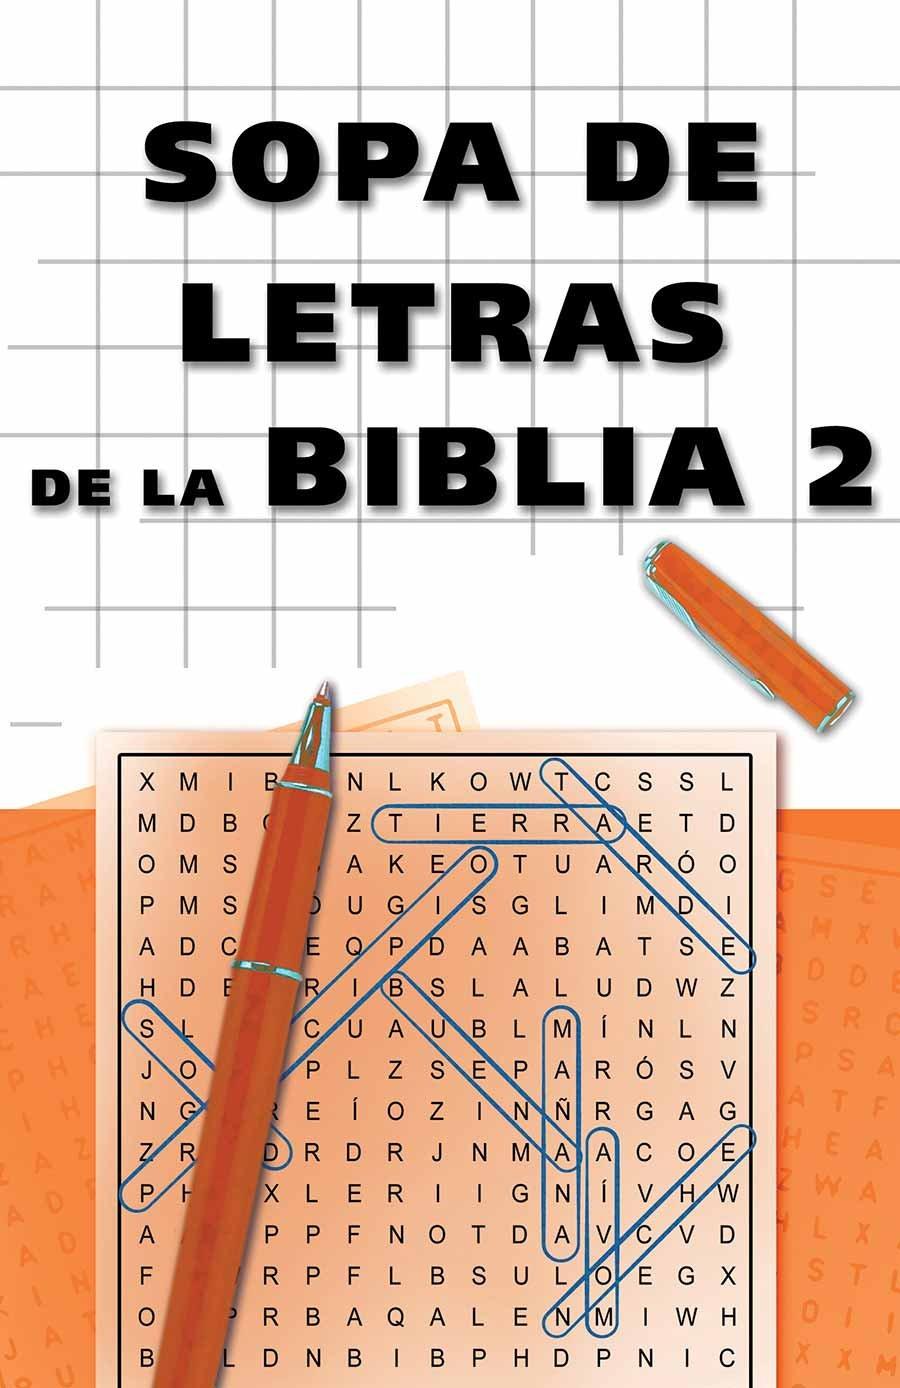 Sopa de letras de la Biblia 2: Bible Word Search 2 (Spanish Edition) ebook